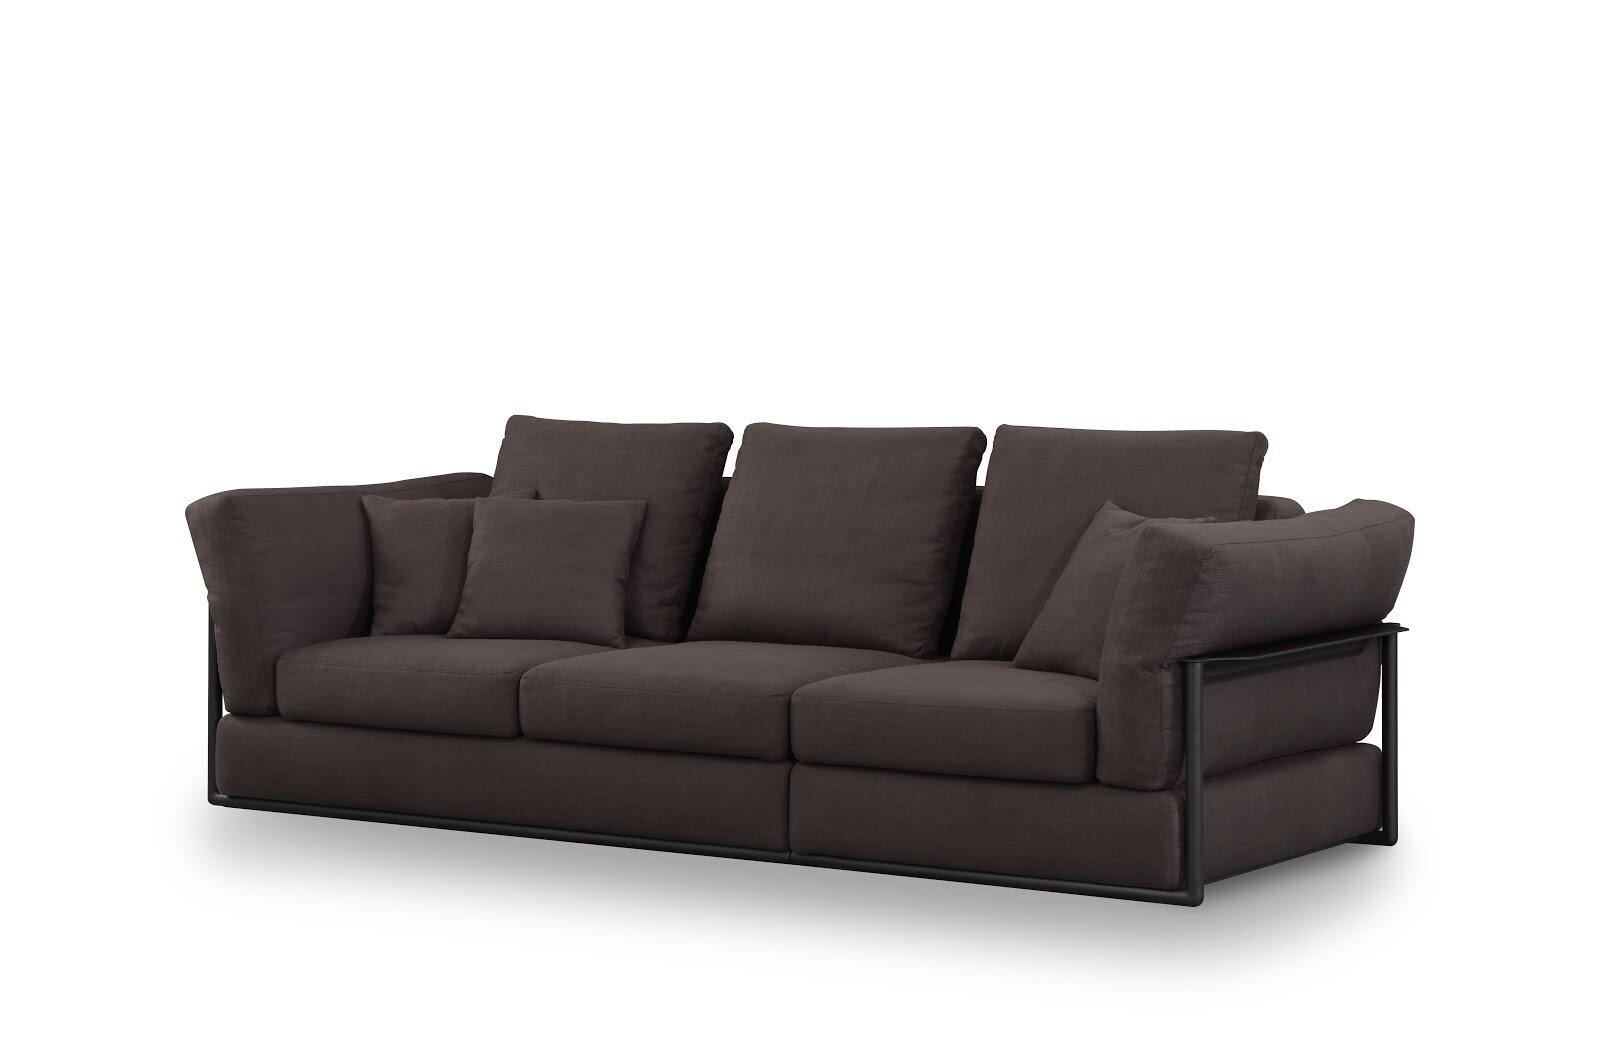 Latitude Run Midgett 4 Seater Sofa | Wayfair